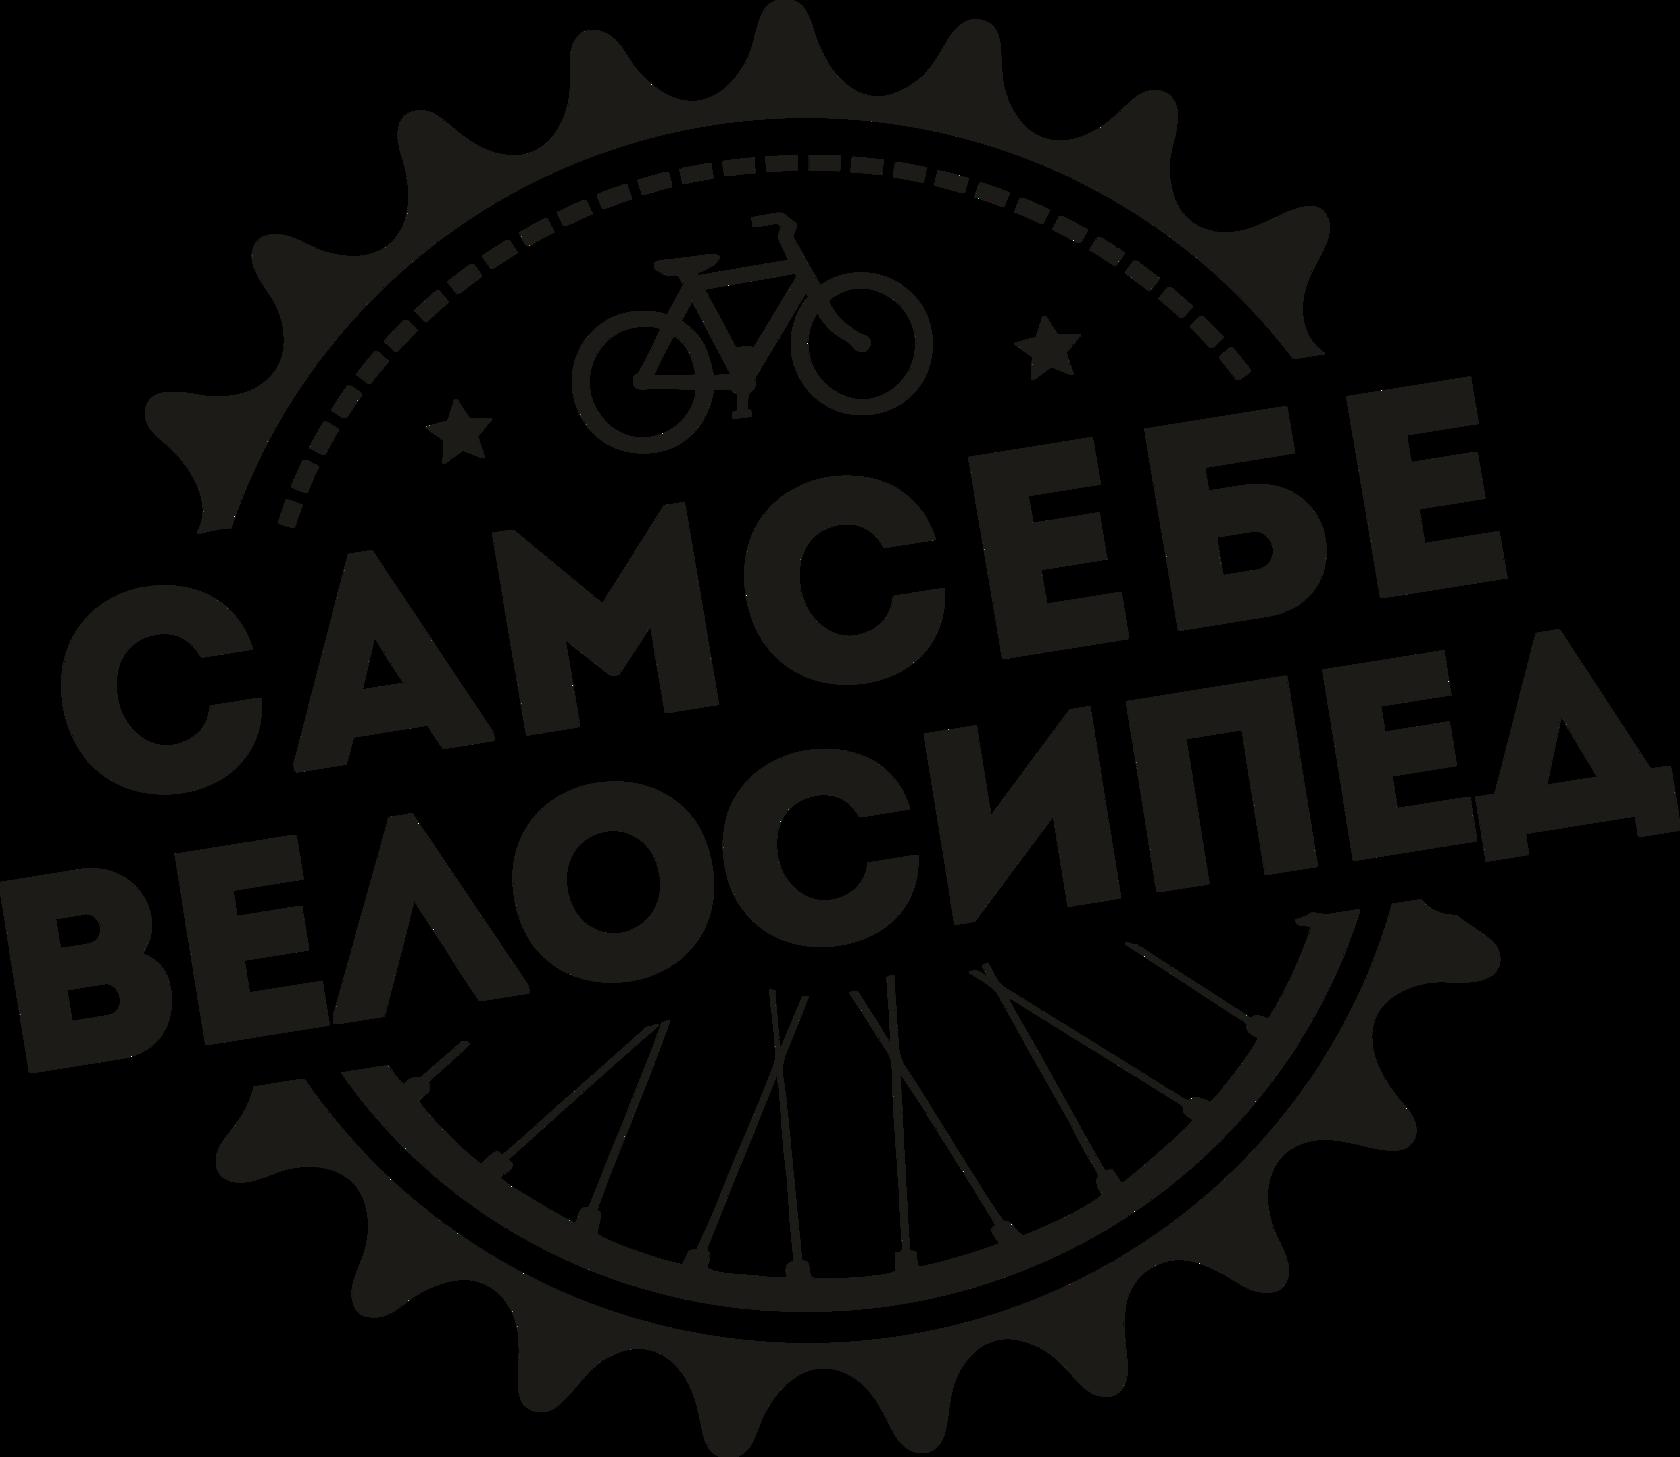 Сам себе велосипед